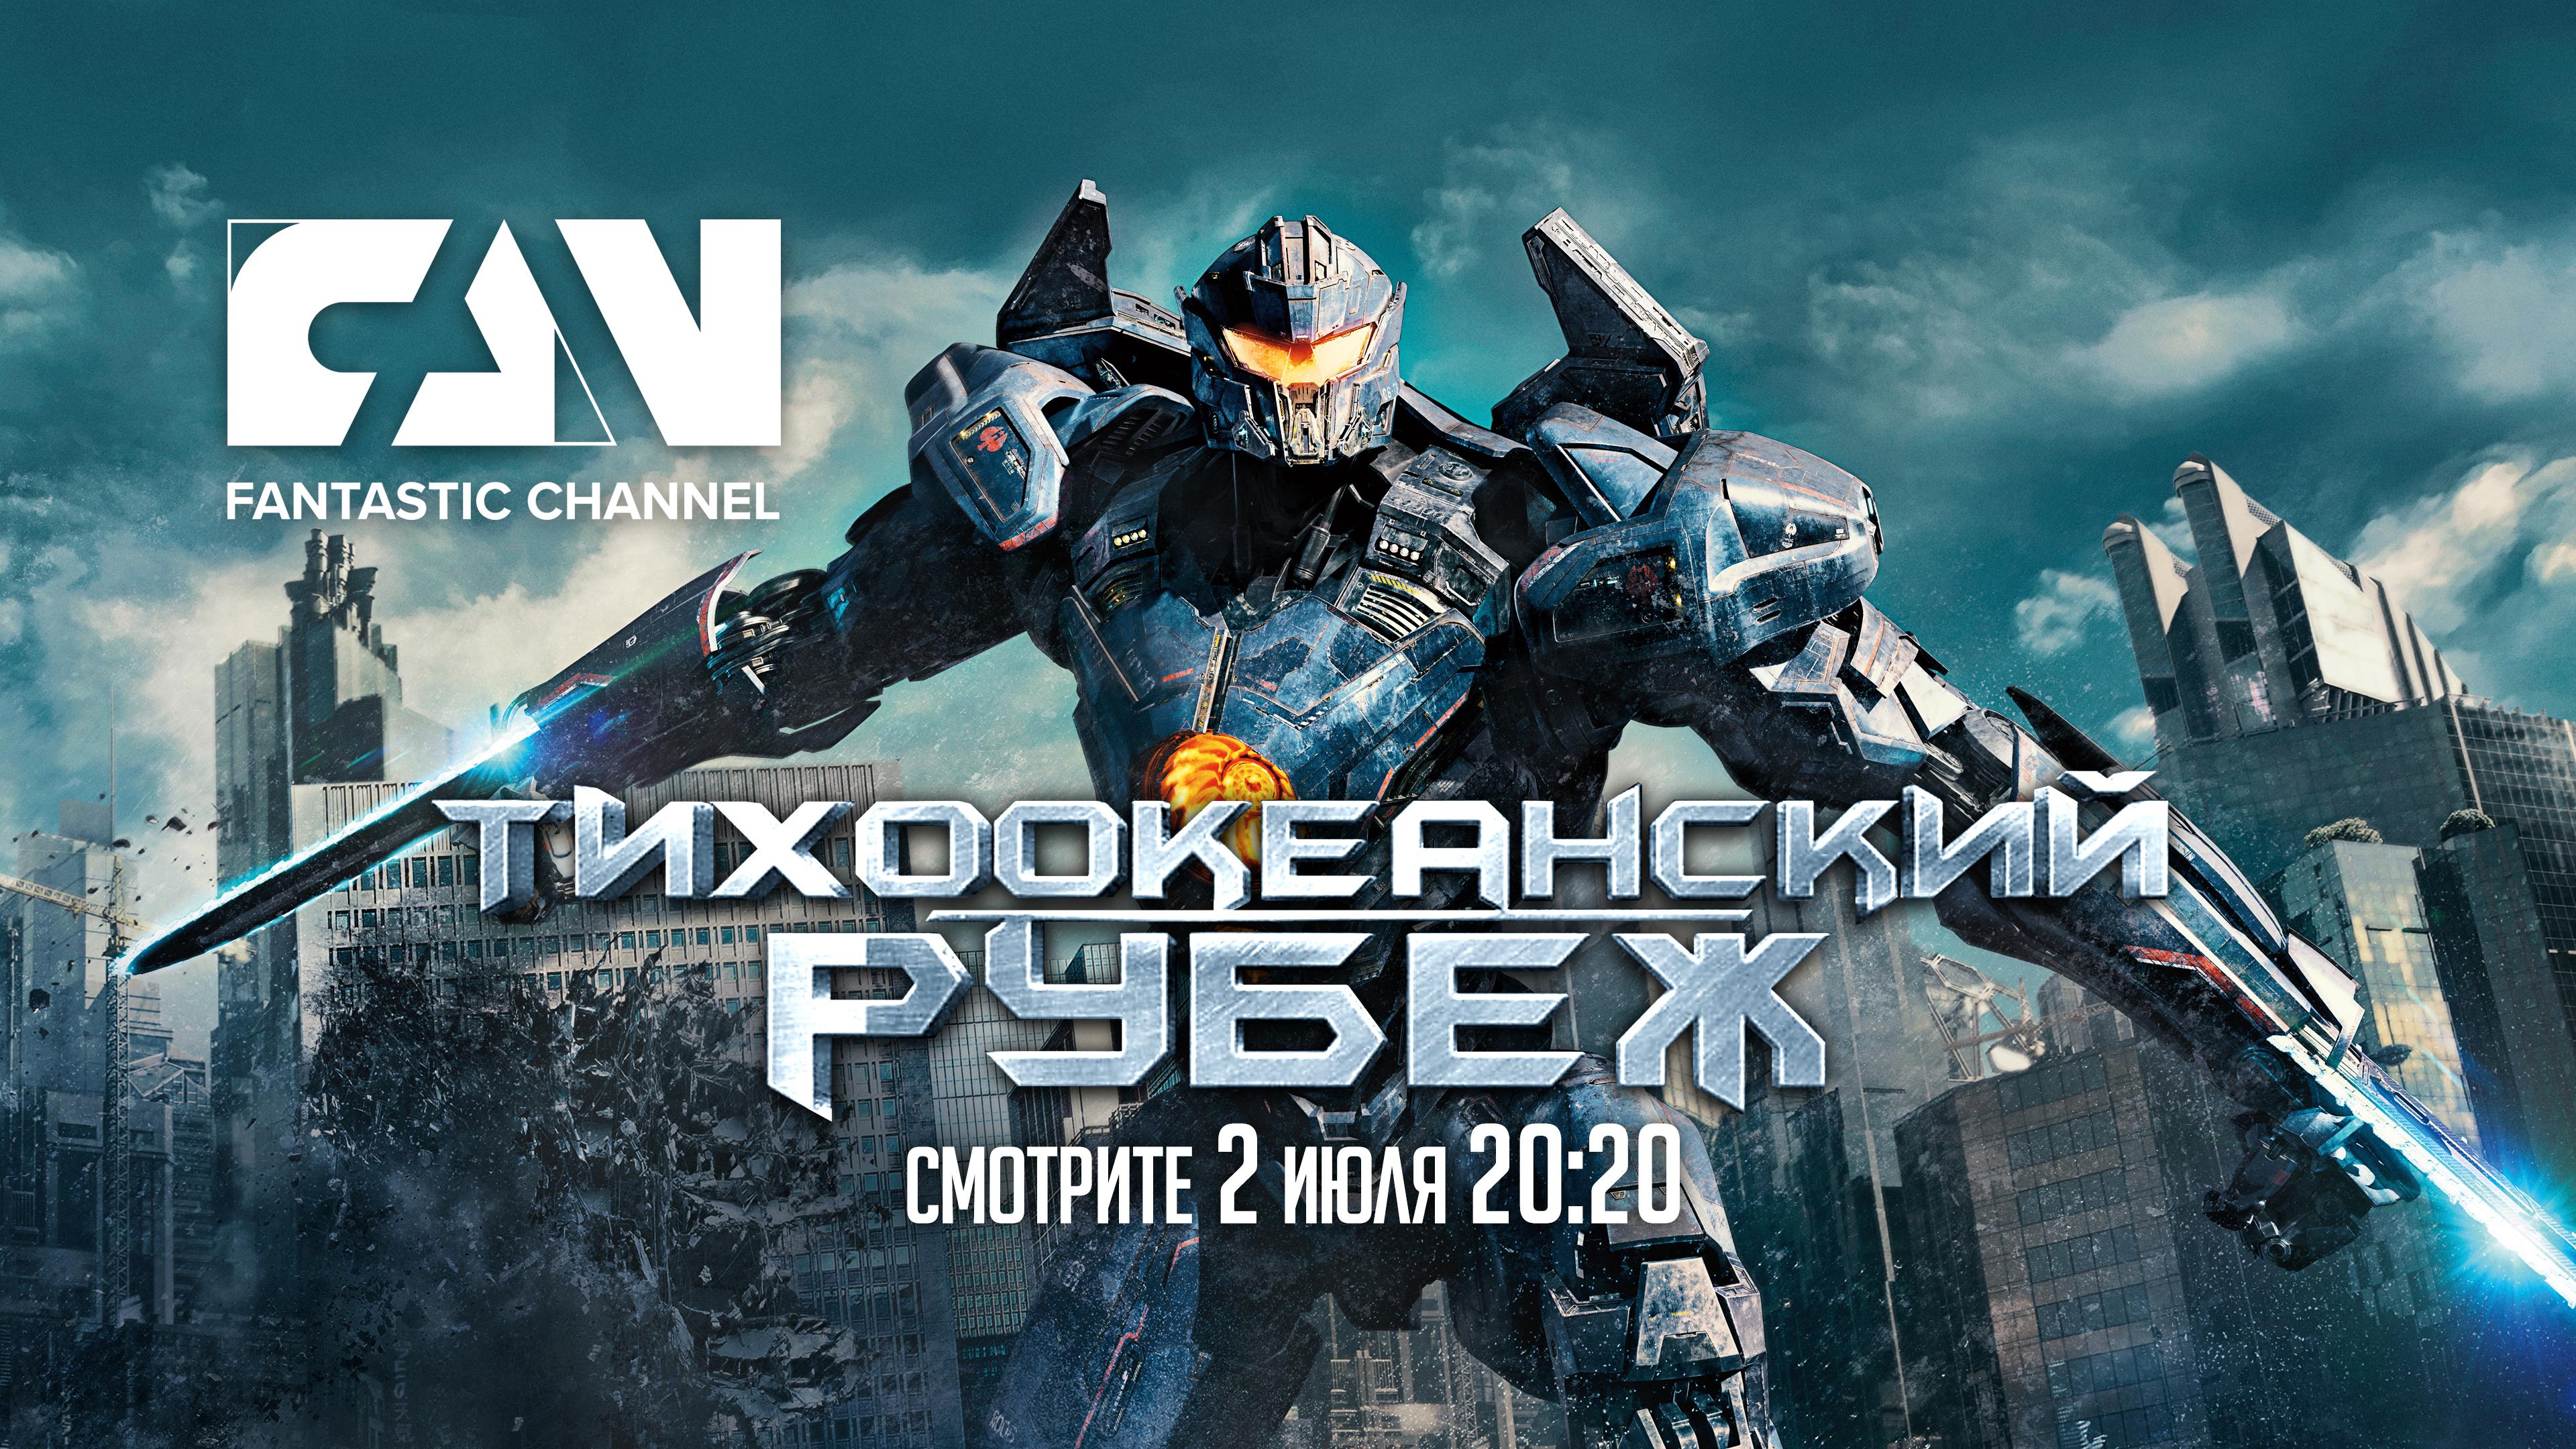 Роботы против монстров: фантастический боевик «Тихоокеанский рубеж» на киноканале FAN